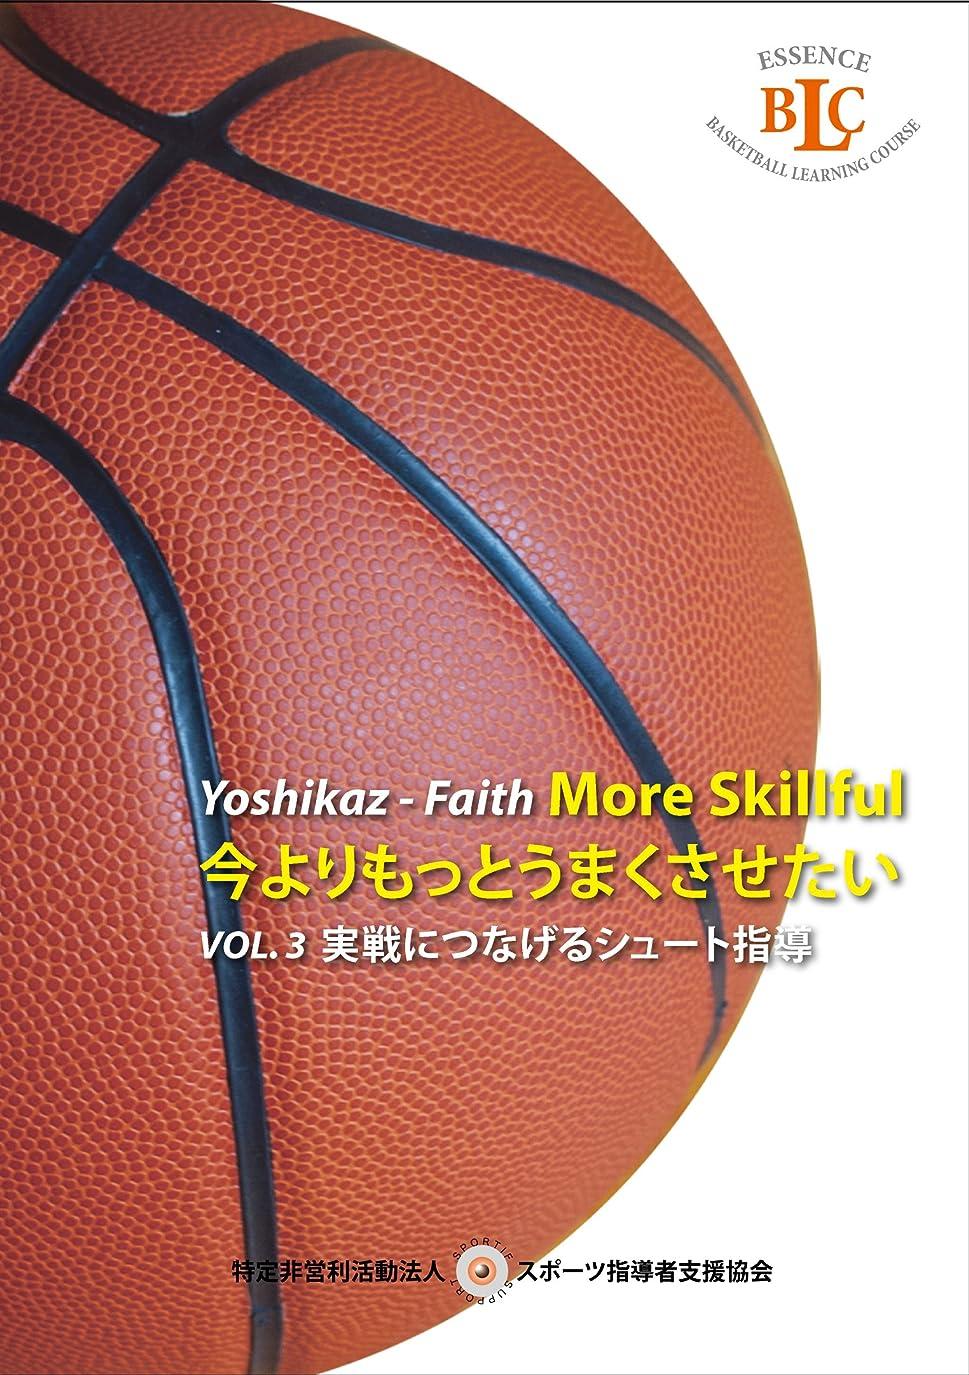 と遊ぶいつでもボルトYoshikaz-Faith 今よりもっとうまくさせたい VOL. 3 実戦につなげるシュート指導 [DVD]